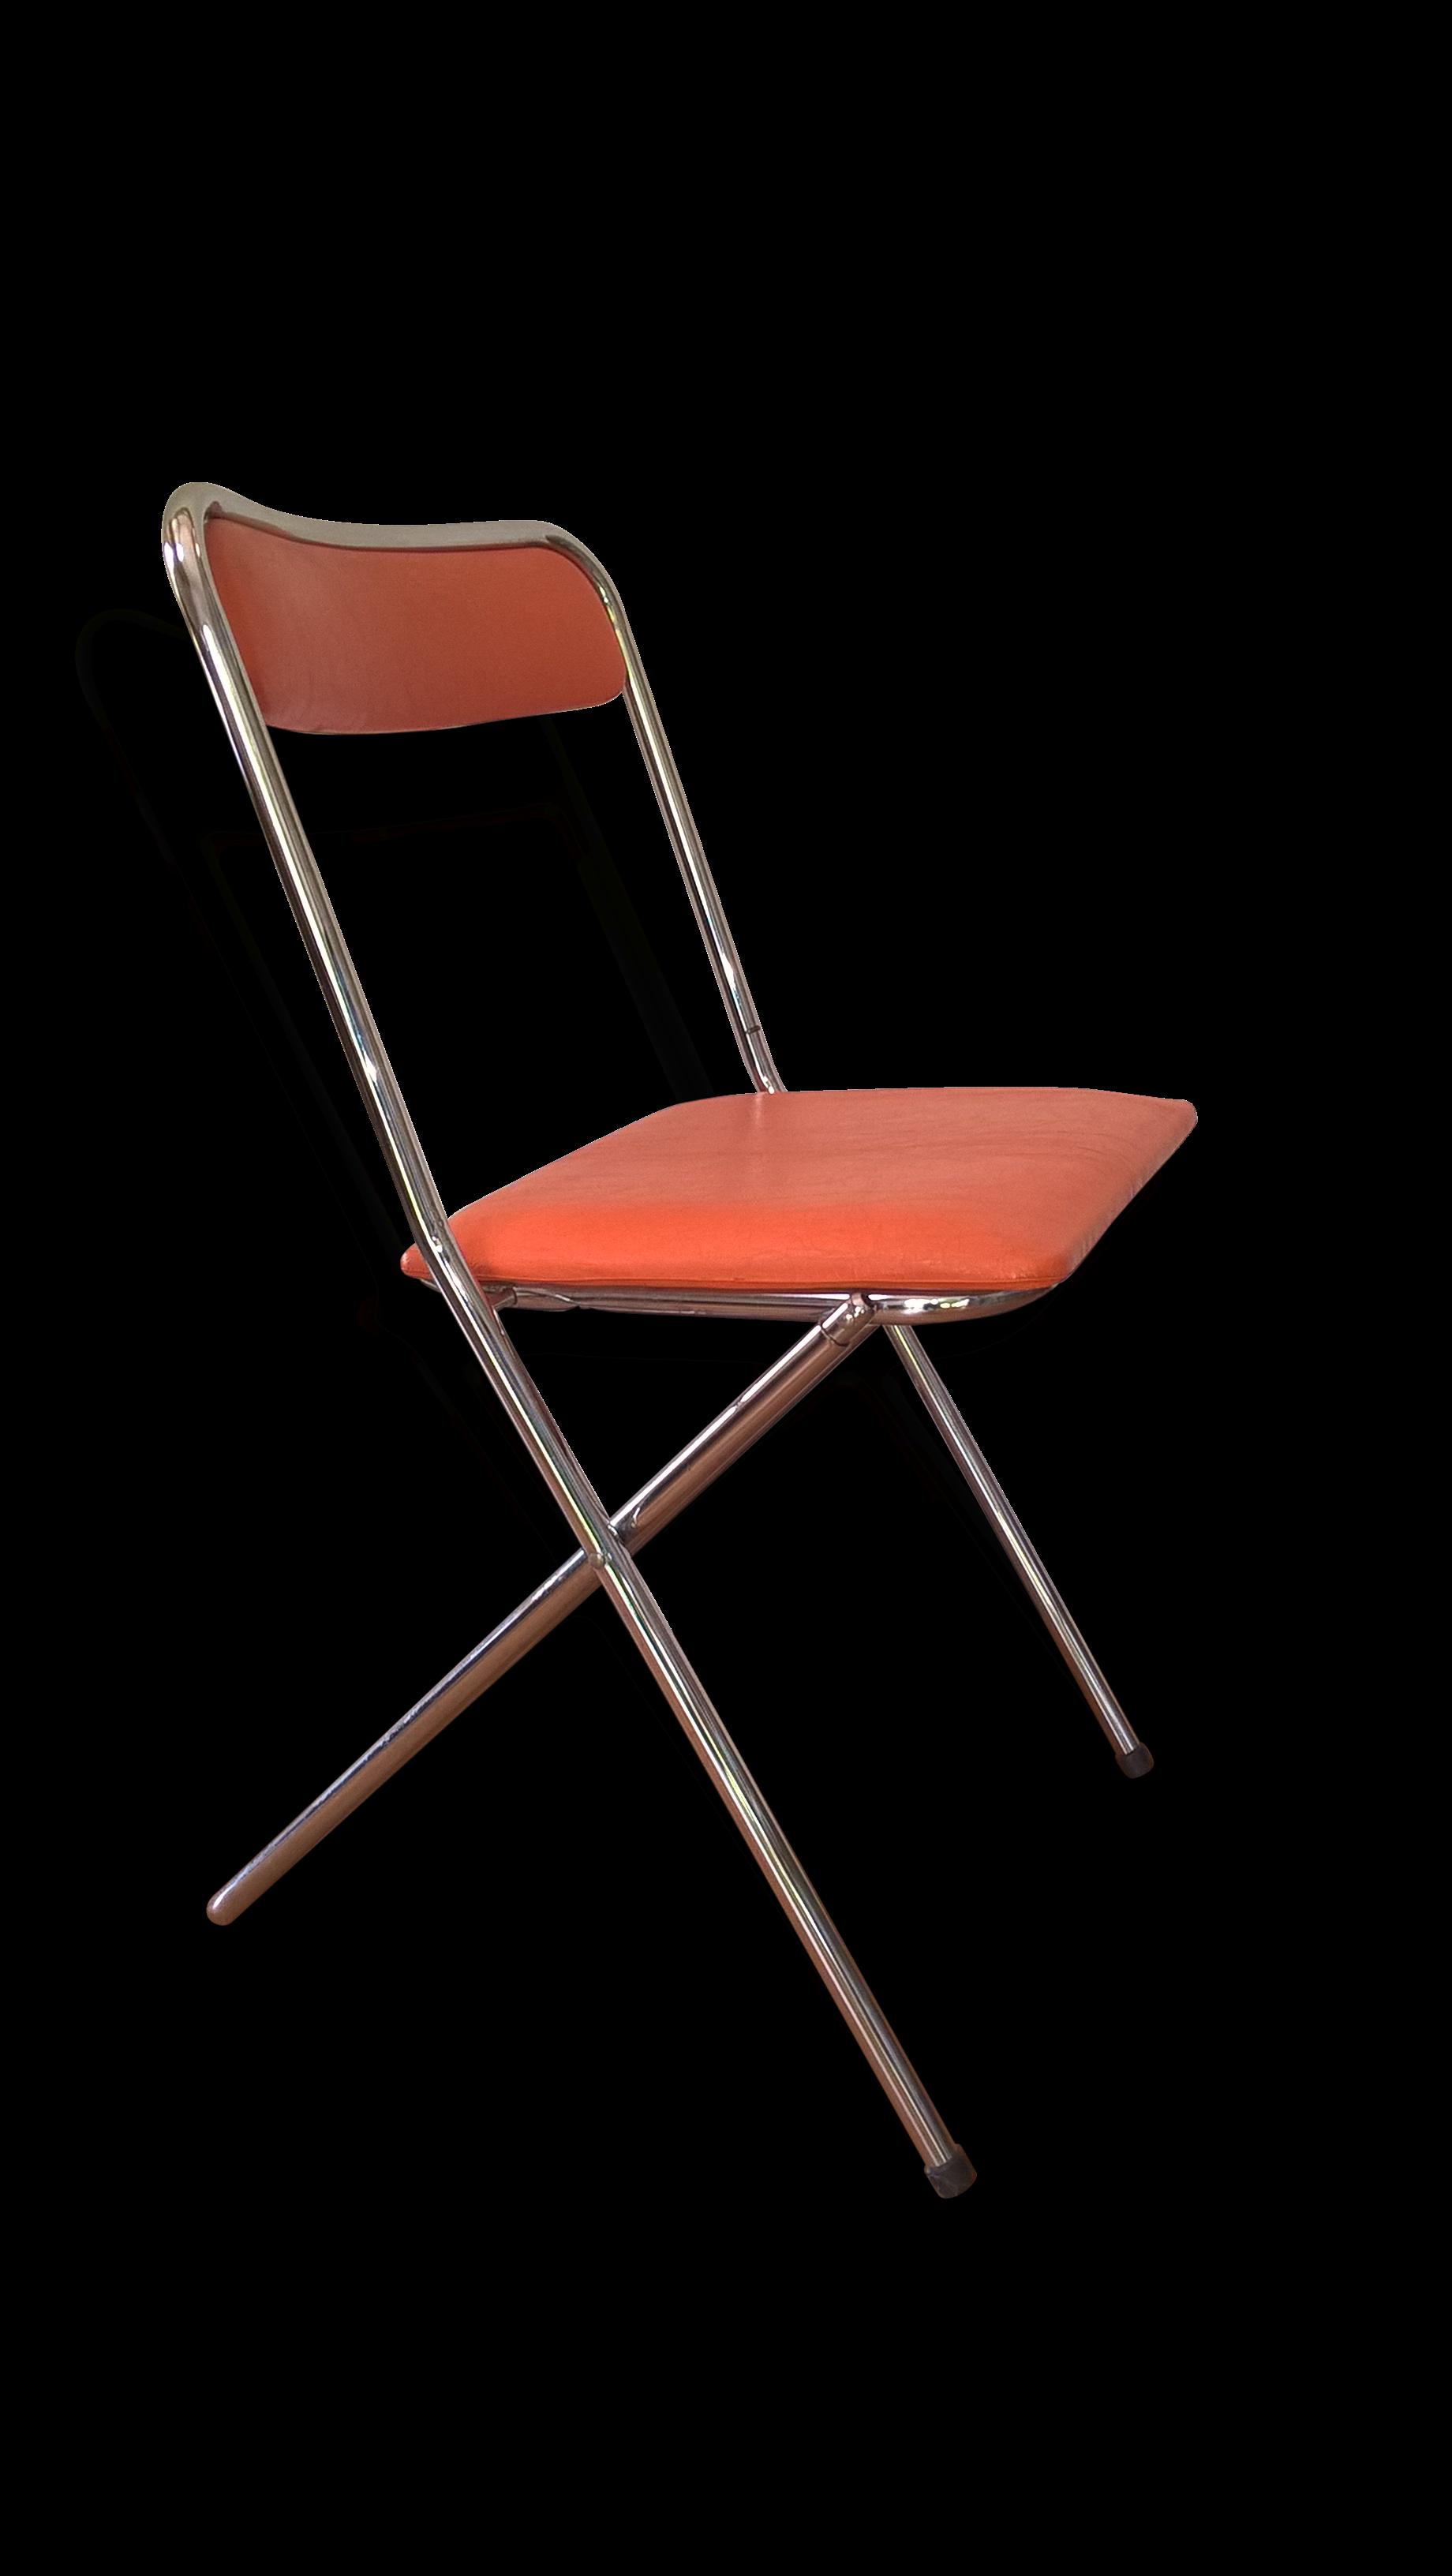 chaise pliante design excellent chaise pliable gris fonc lusta chaise pliante pas cher with. Black Bedroom Furniture Sets. Home Design Ideas